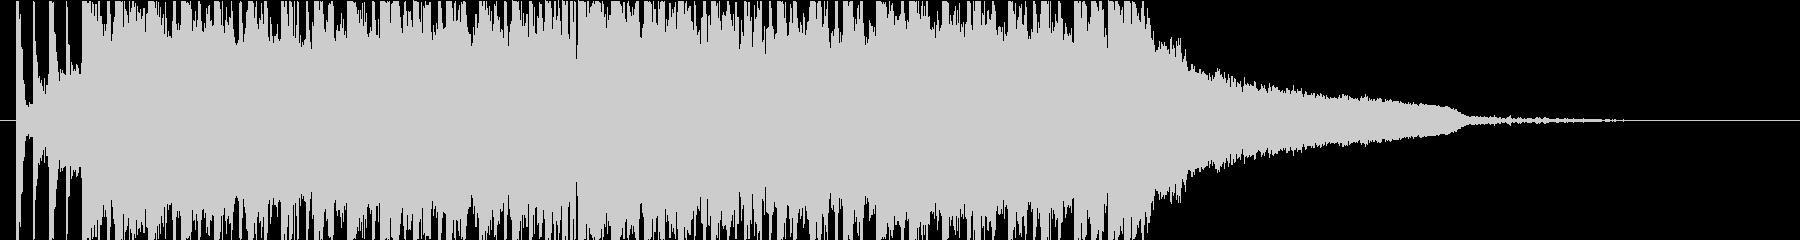 不思議なEDMジングル ゲーム音楽の未再生の波形